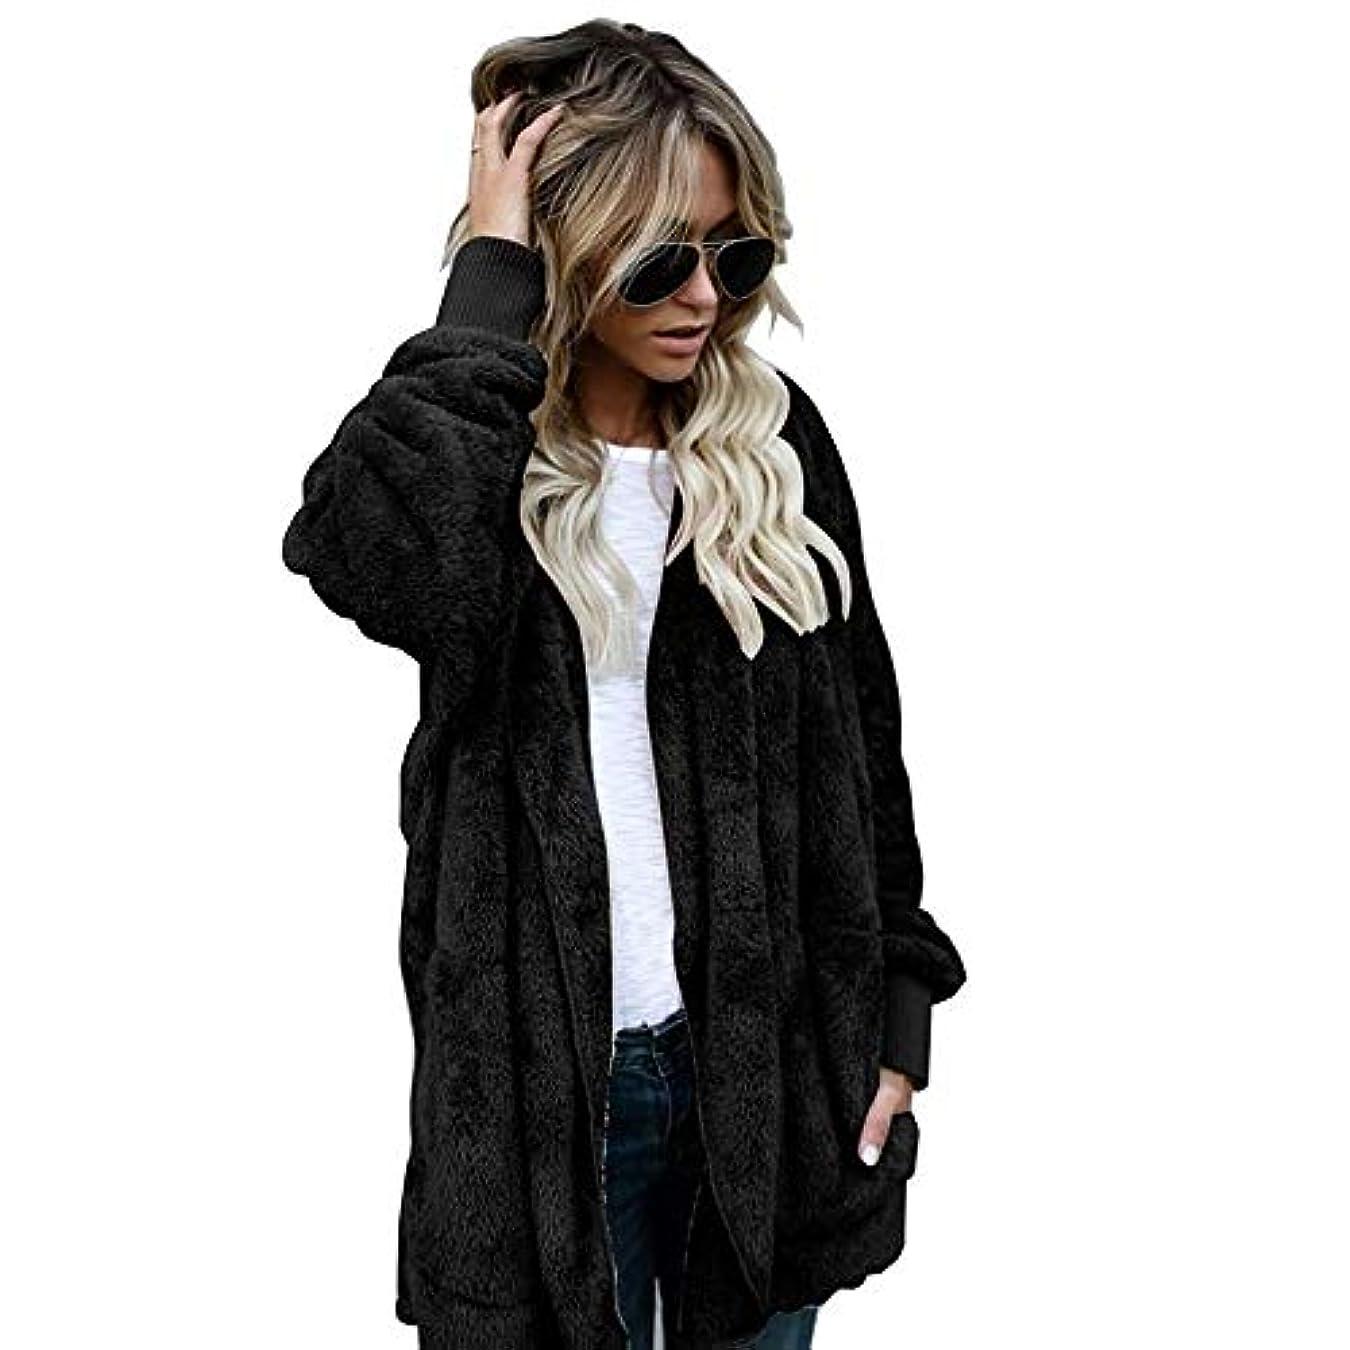 感動するビザ乱気流MIFAN 長袖パーカー、冬のコート、女性のコート、女性の緩い厚く暖かいフェイクファーフード付きカーディガン